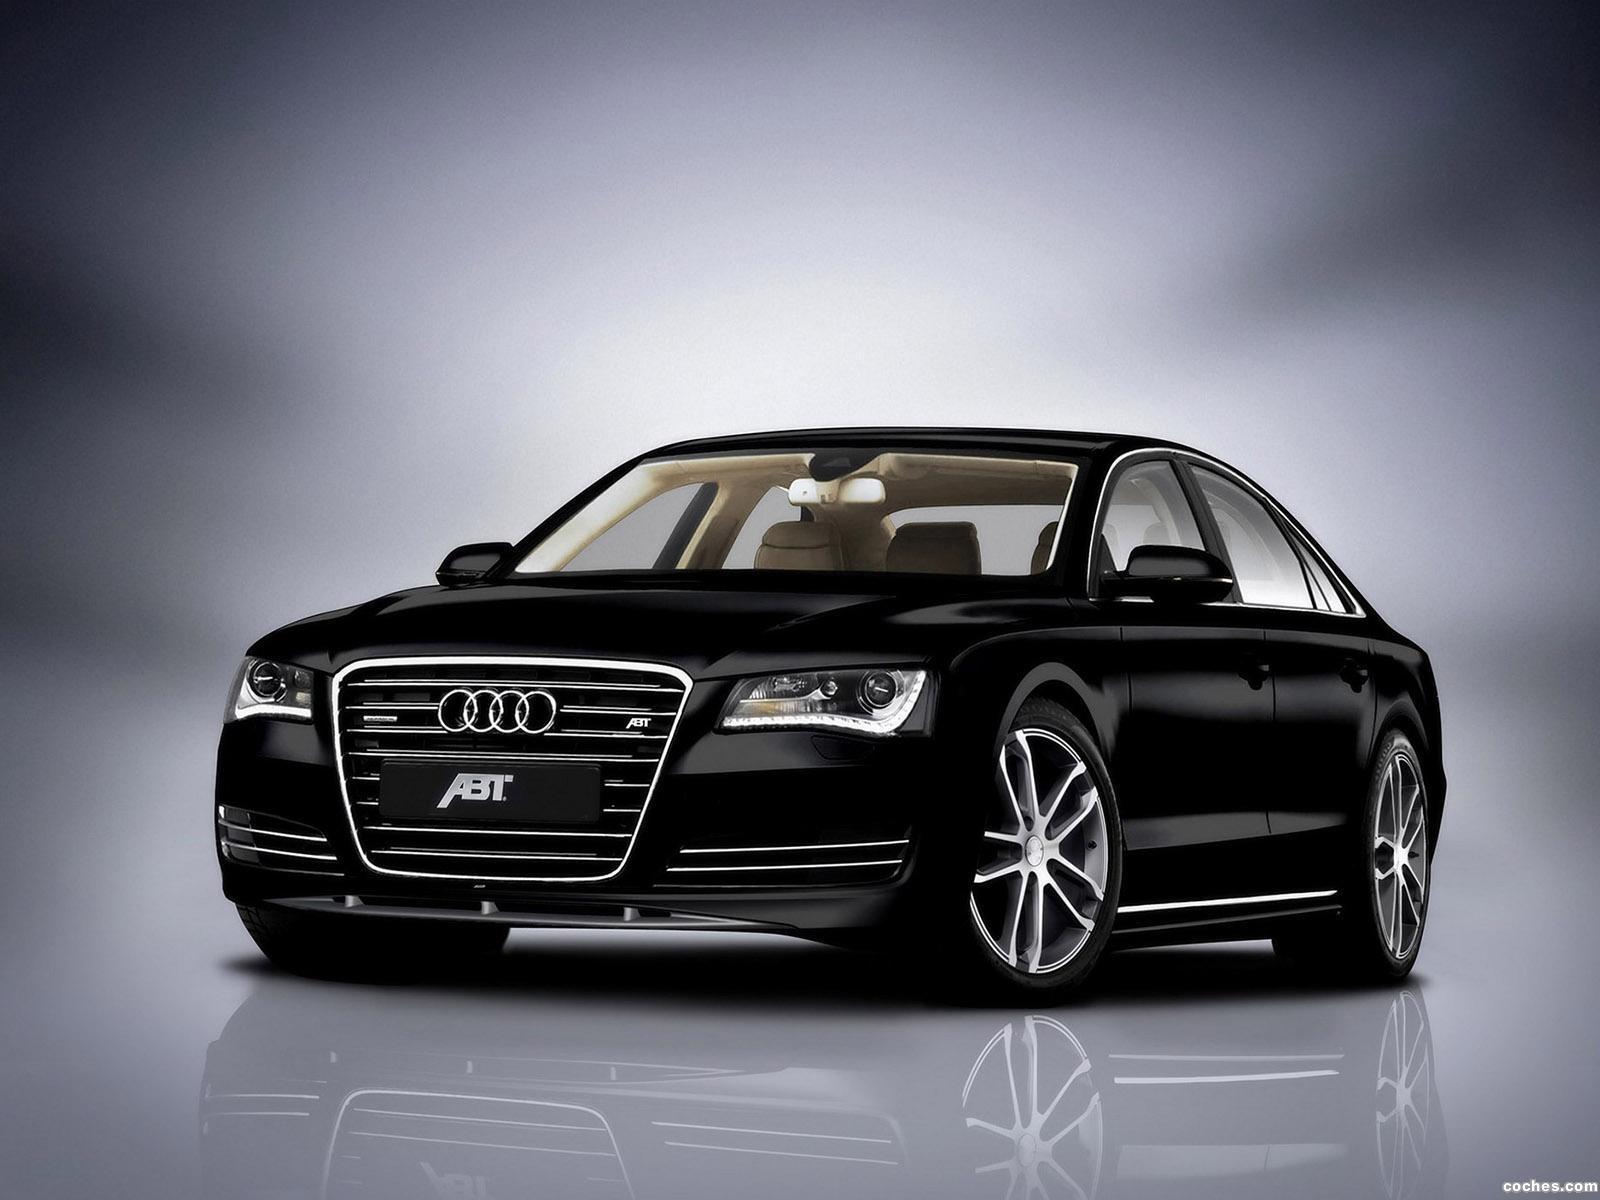 Foto 2 de Audi ABT AS8 D4 2010